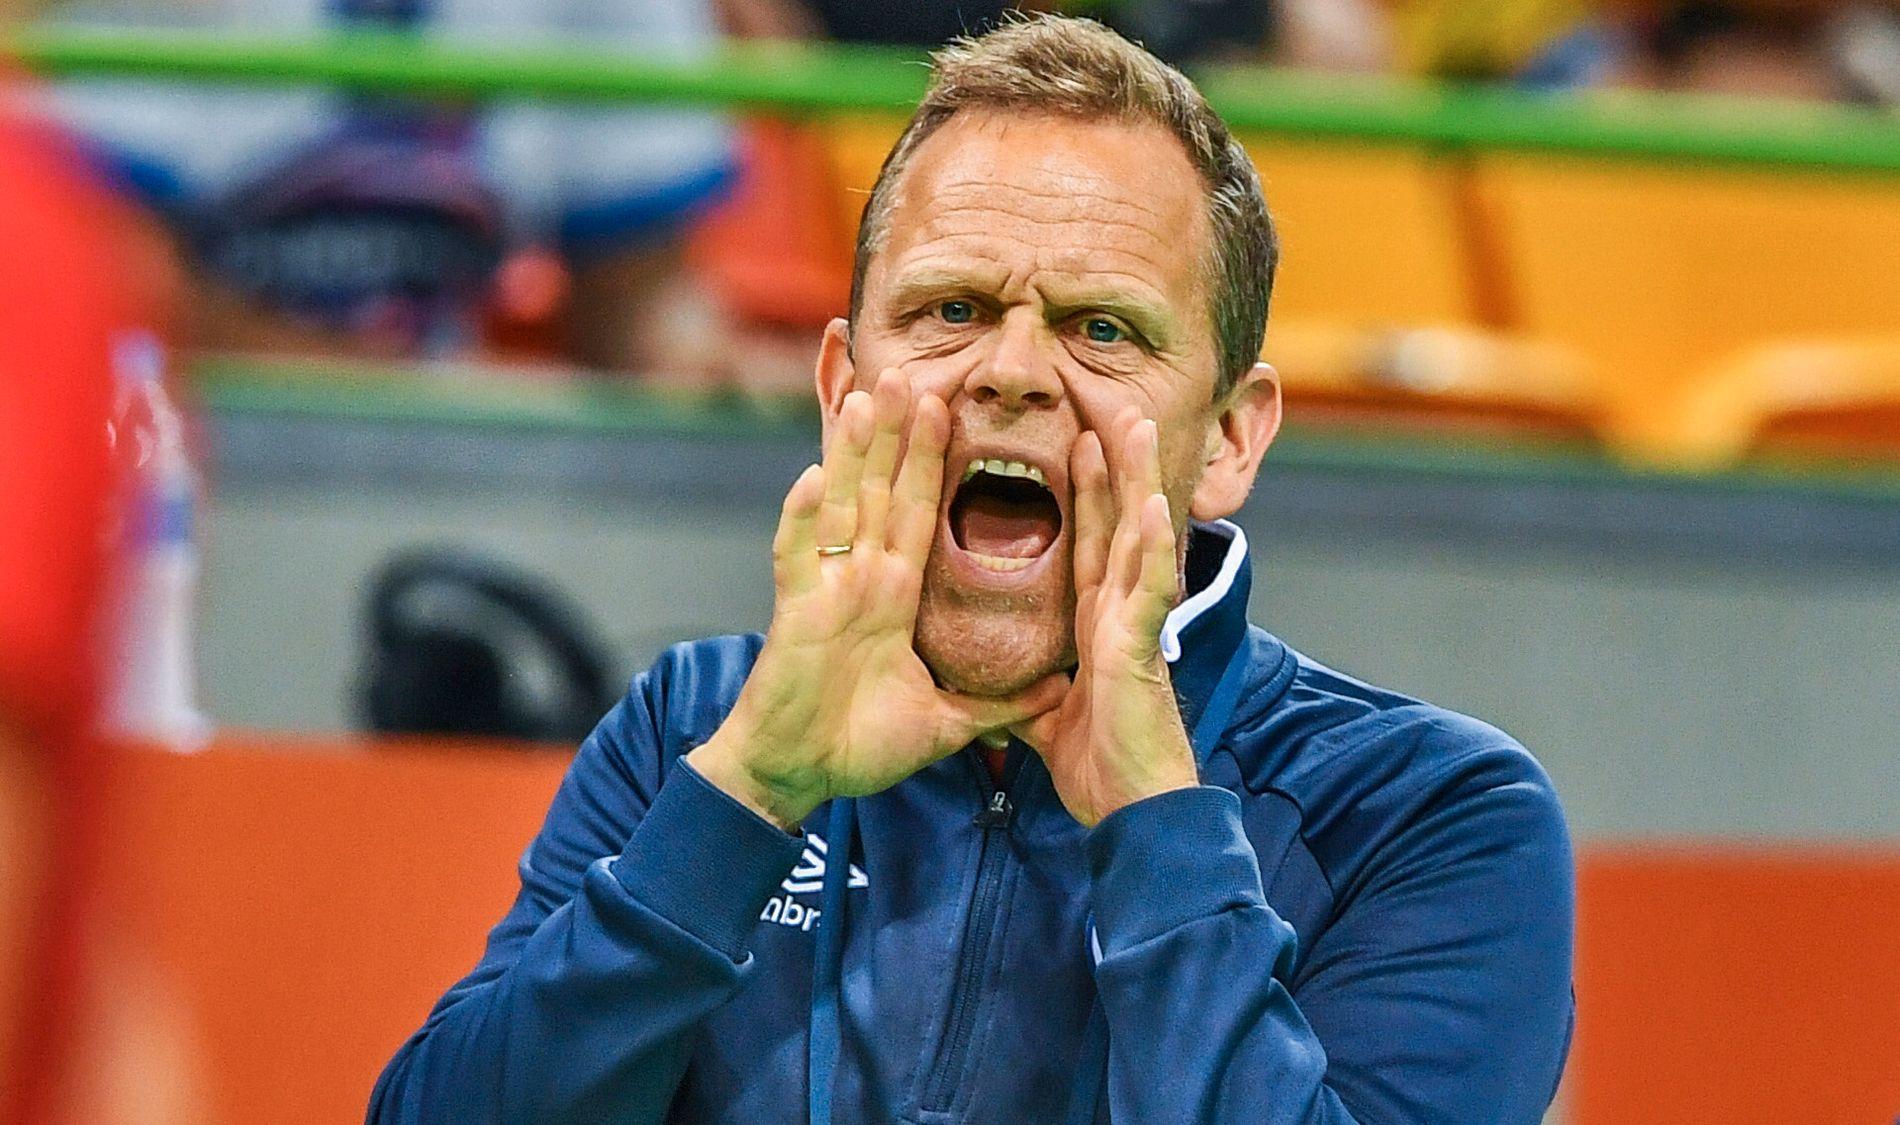 PÅ GULLJAKT: Thorir Hergeirsson kan lede Norge til mesterskapsgull for sjette gang. Her fra OL i Rio tidligere i år.